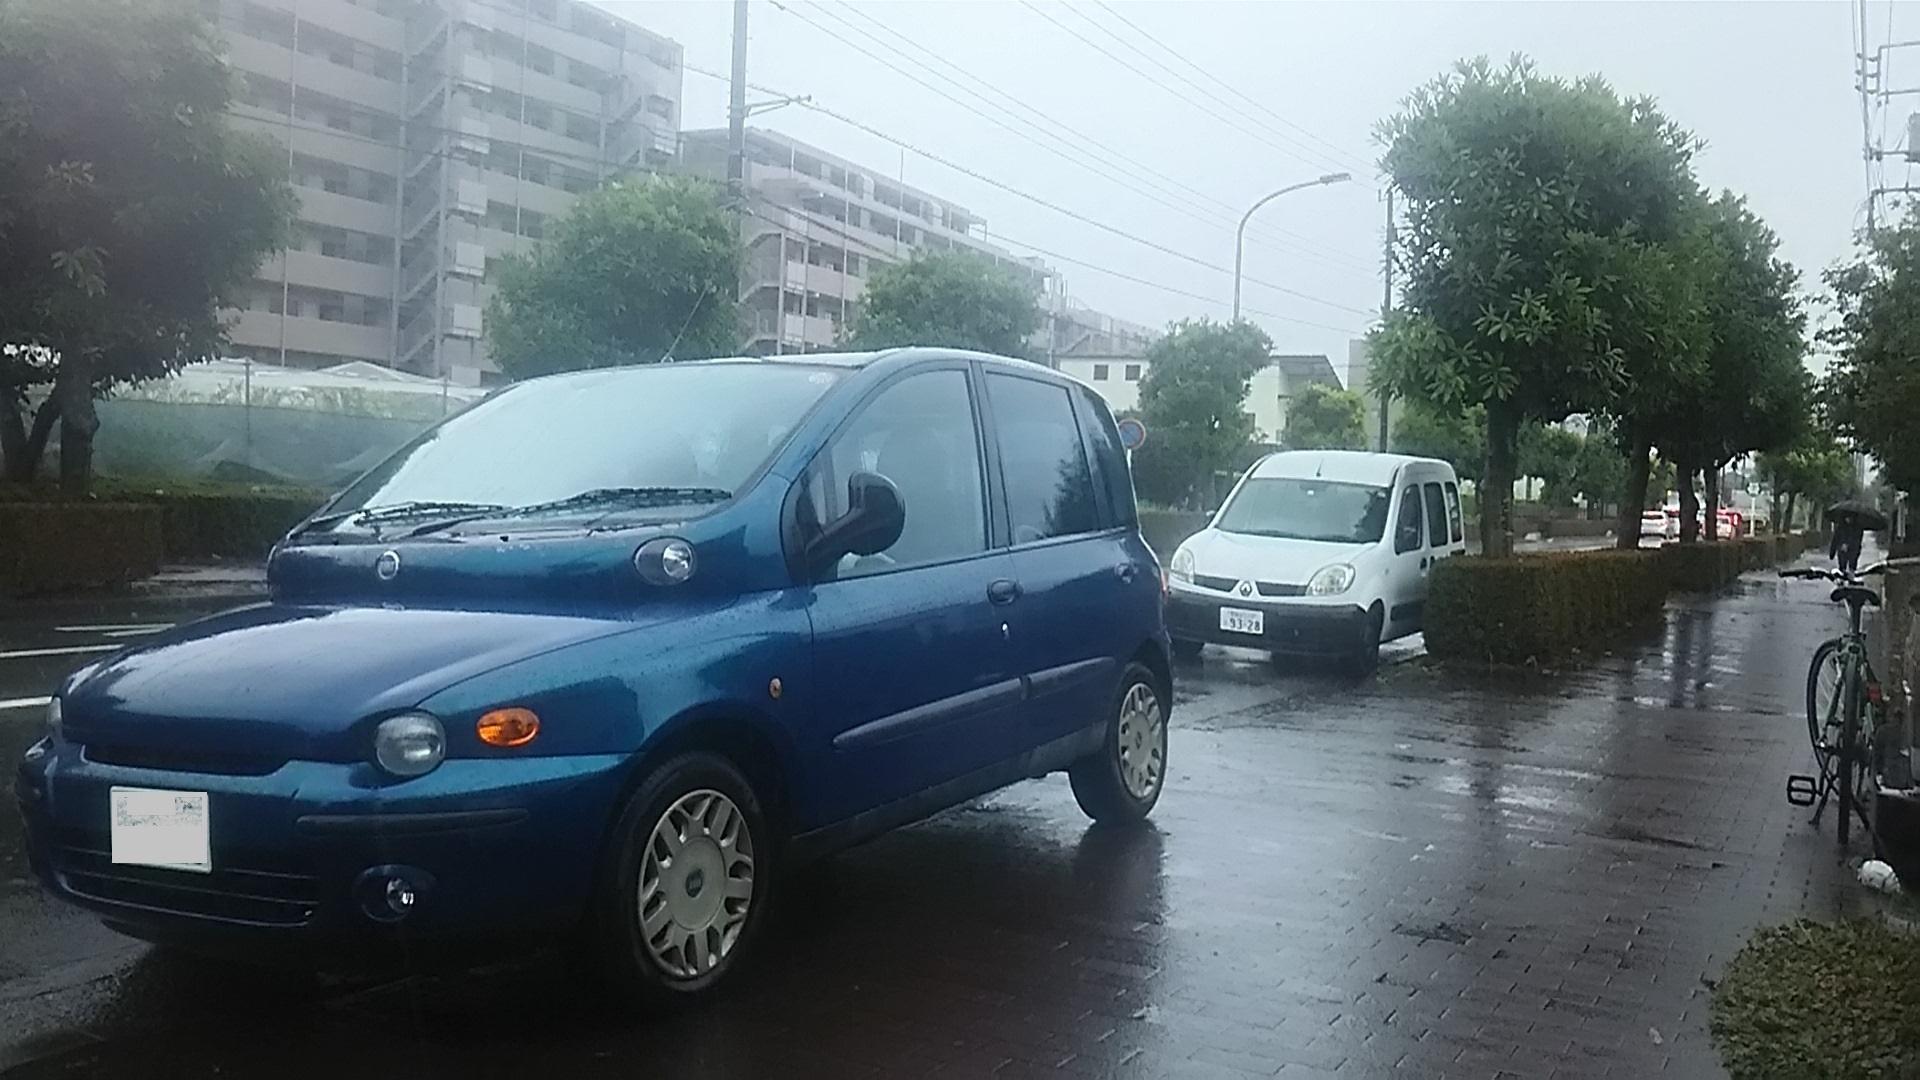 とある雨の休日_e0262580_11274232.jpg